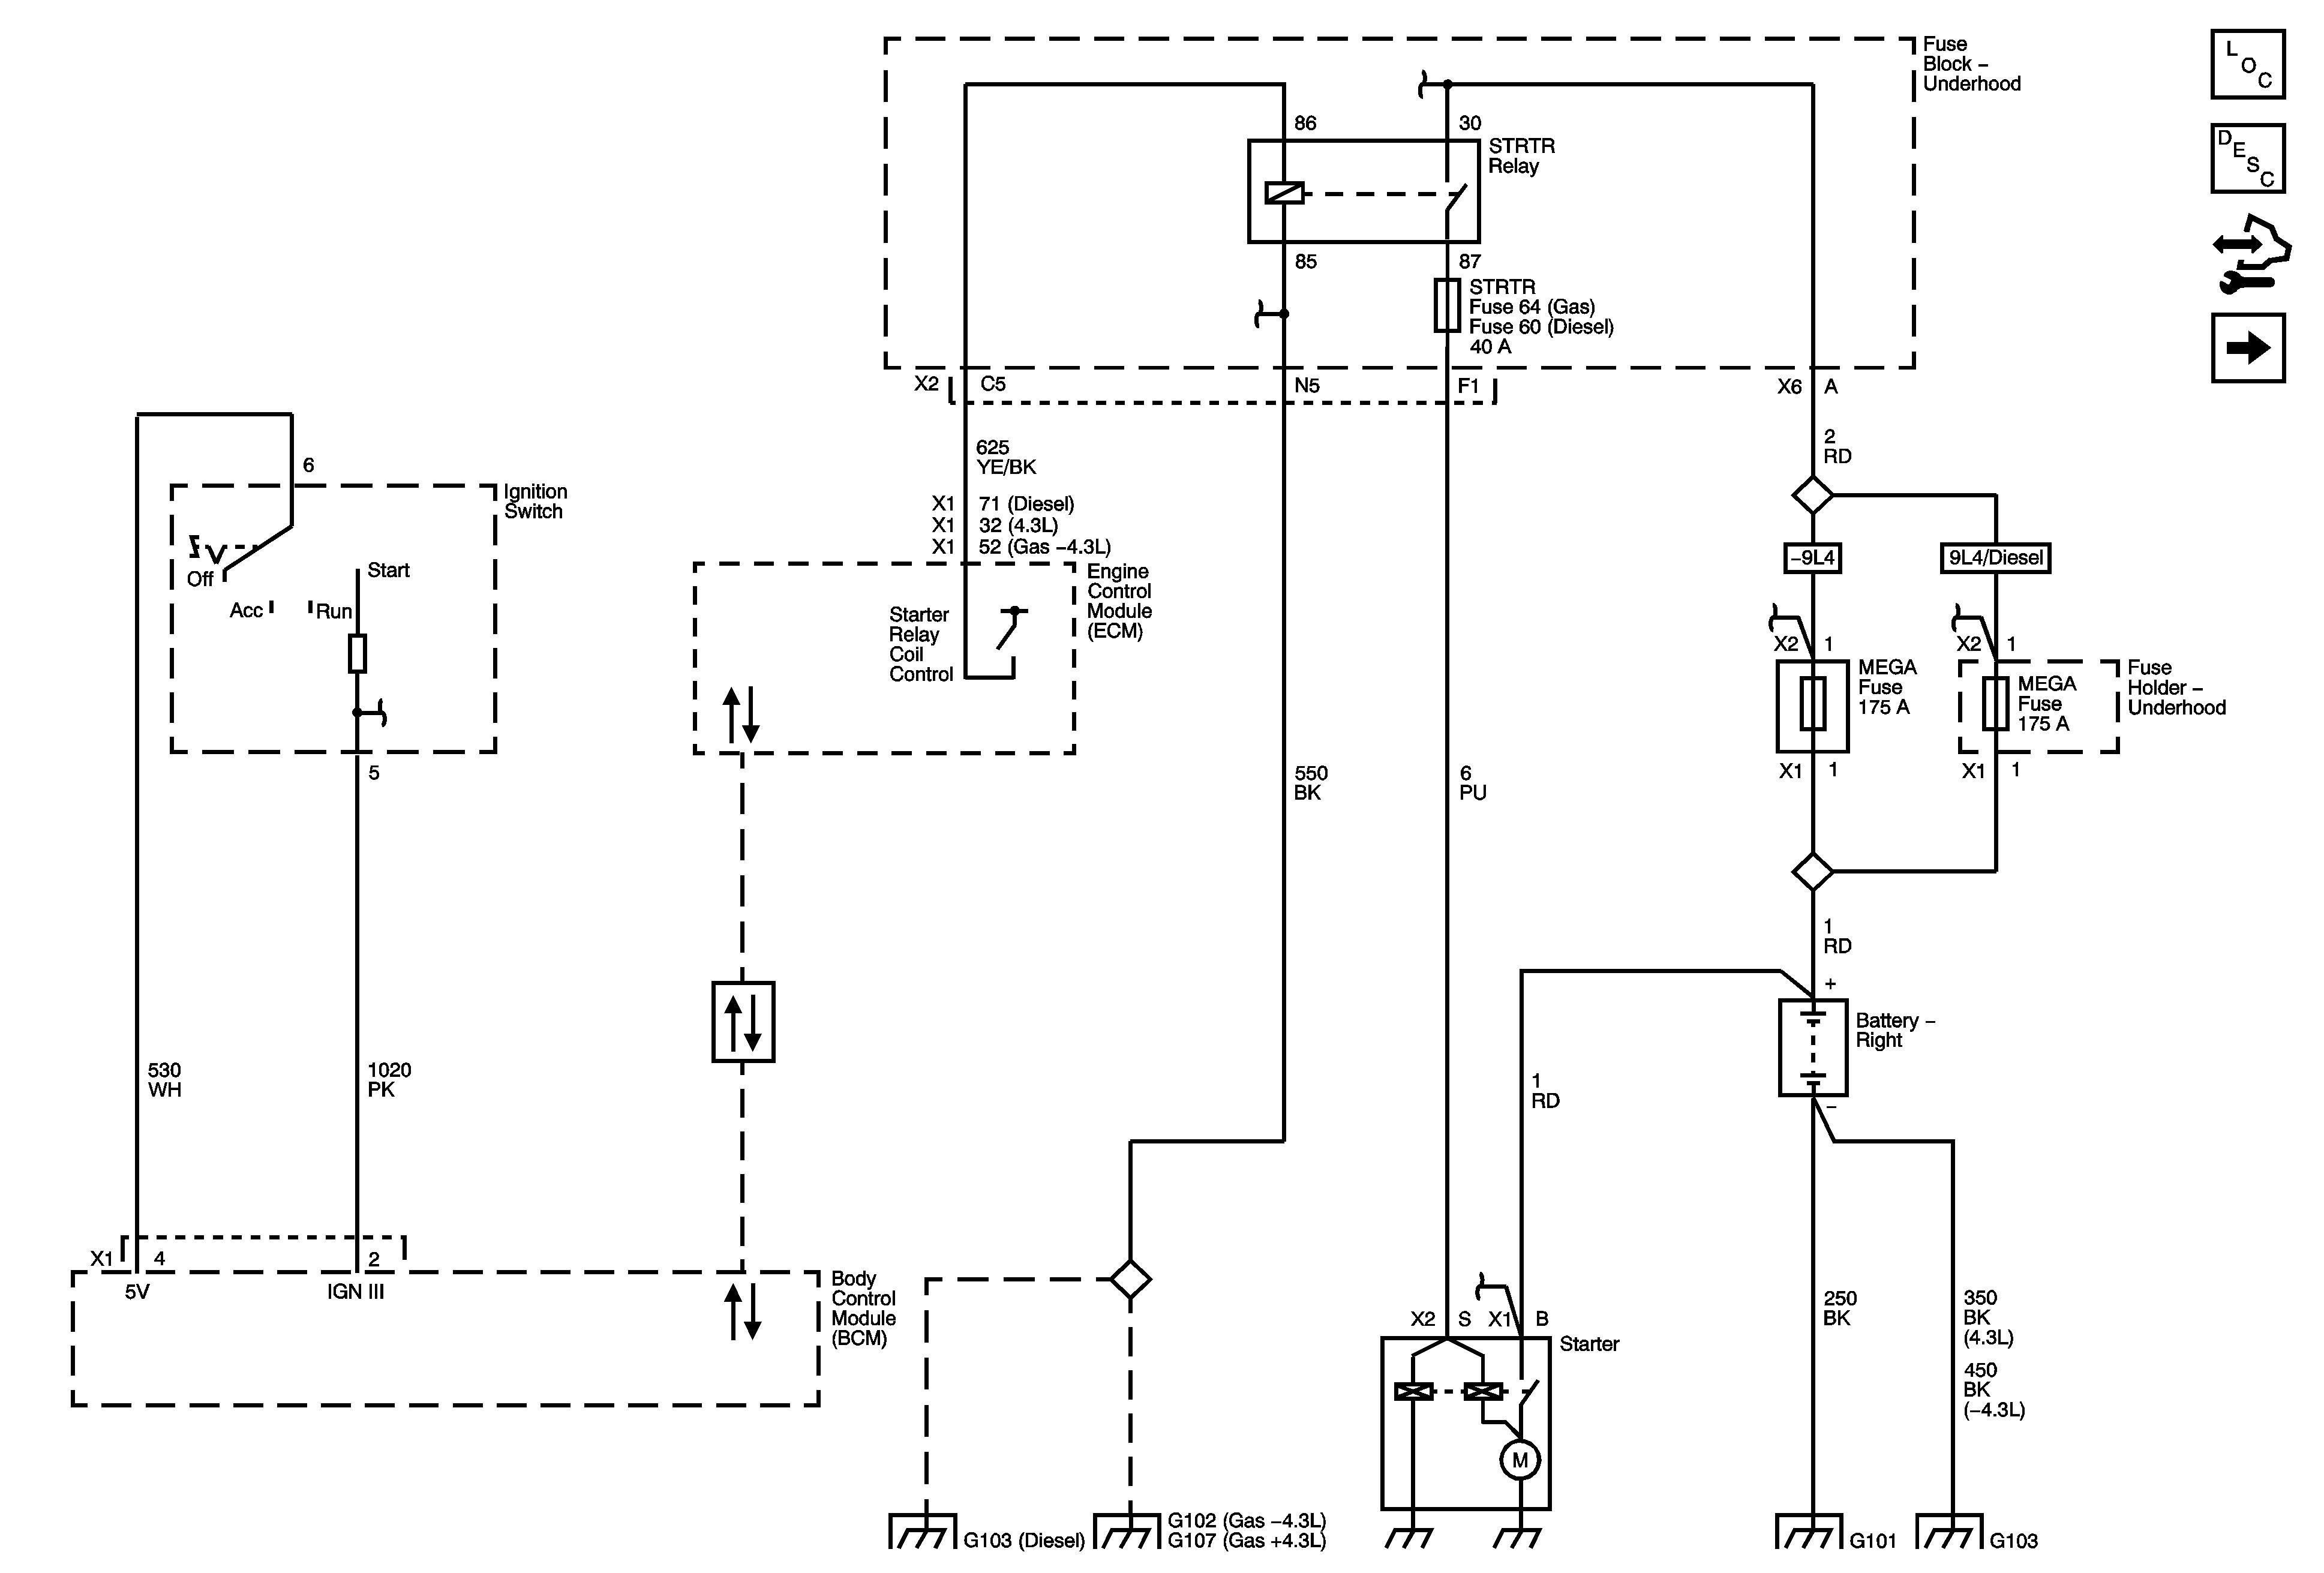 Engine Wiring Diagrams Unique Steering Wheel Radio Controls Wiring Diagram Diagram Of Engine Wiring Diagrams